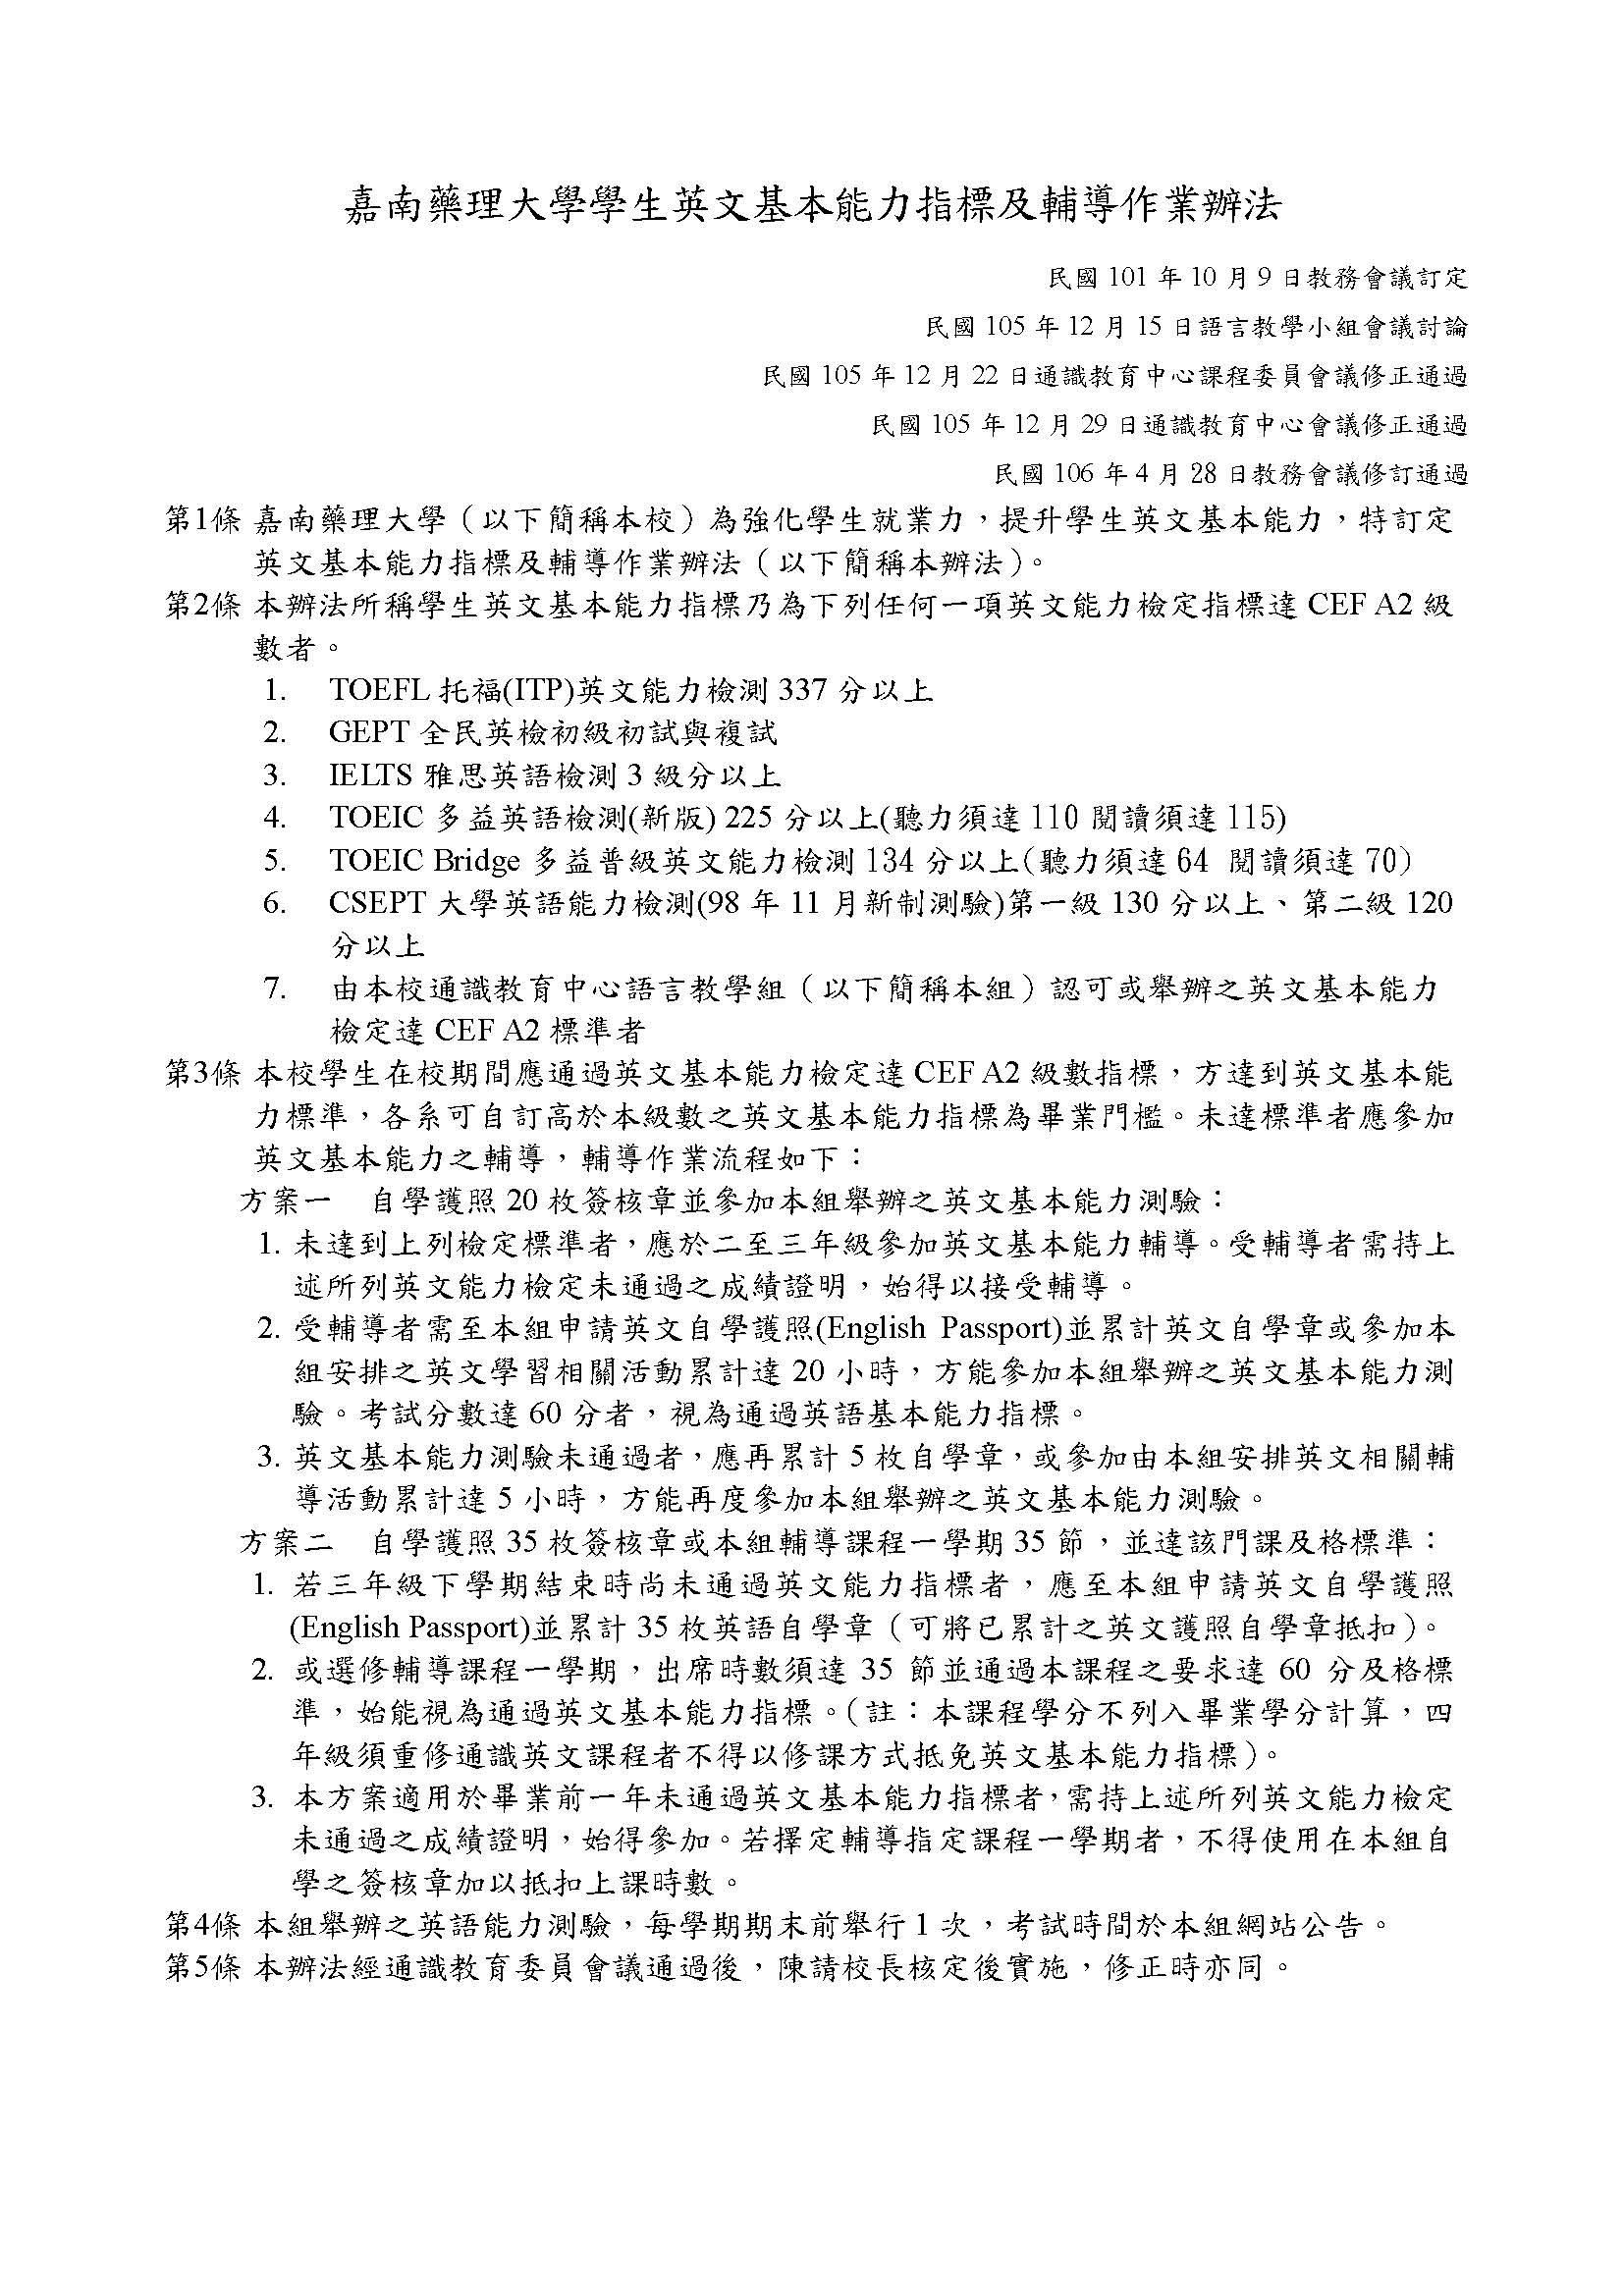 英文基本能力指標流程圖及輔導作業辦法1060428_頁面_1